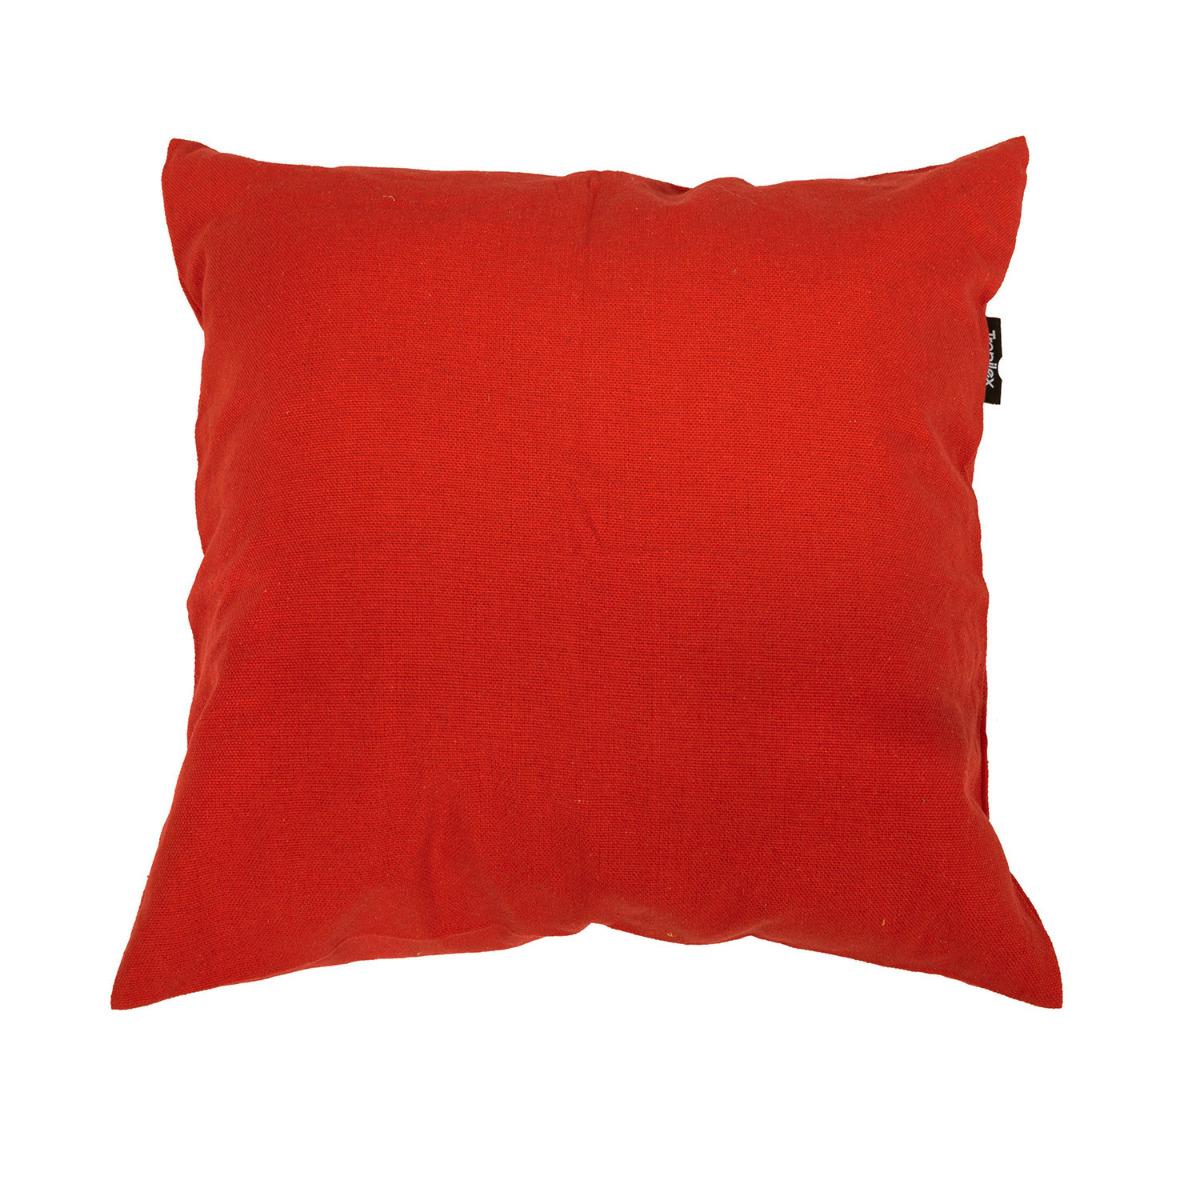 'Plain' Red Kussentje - Rood - Tropilex �